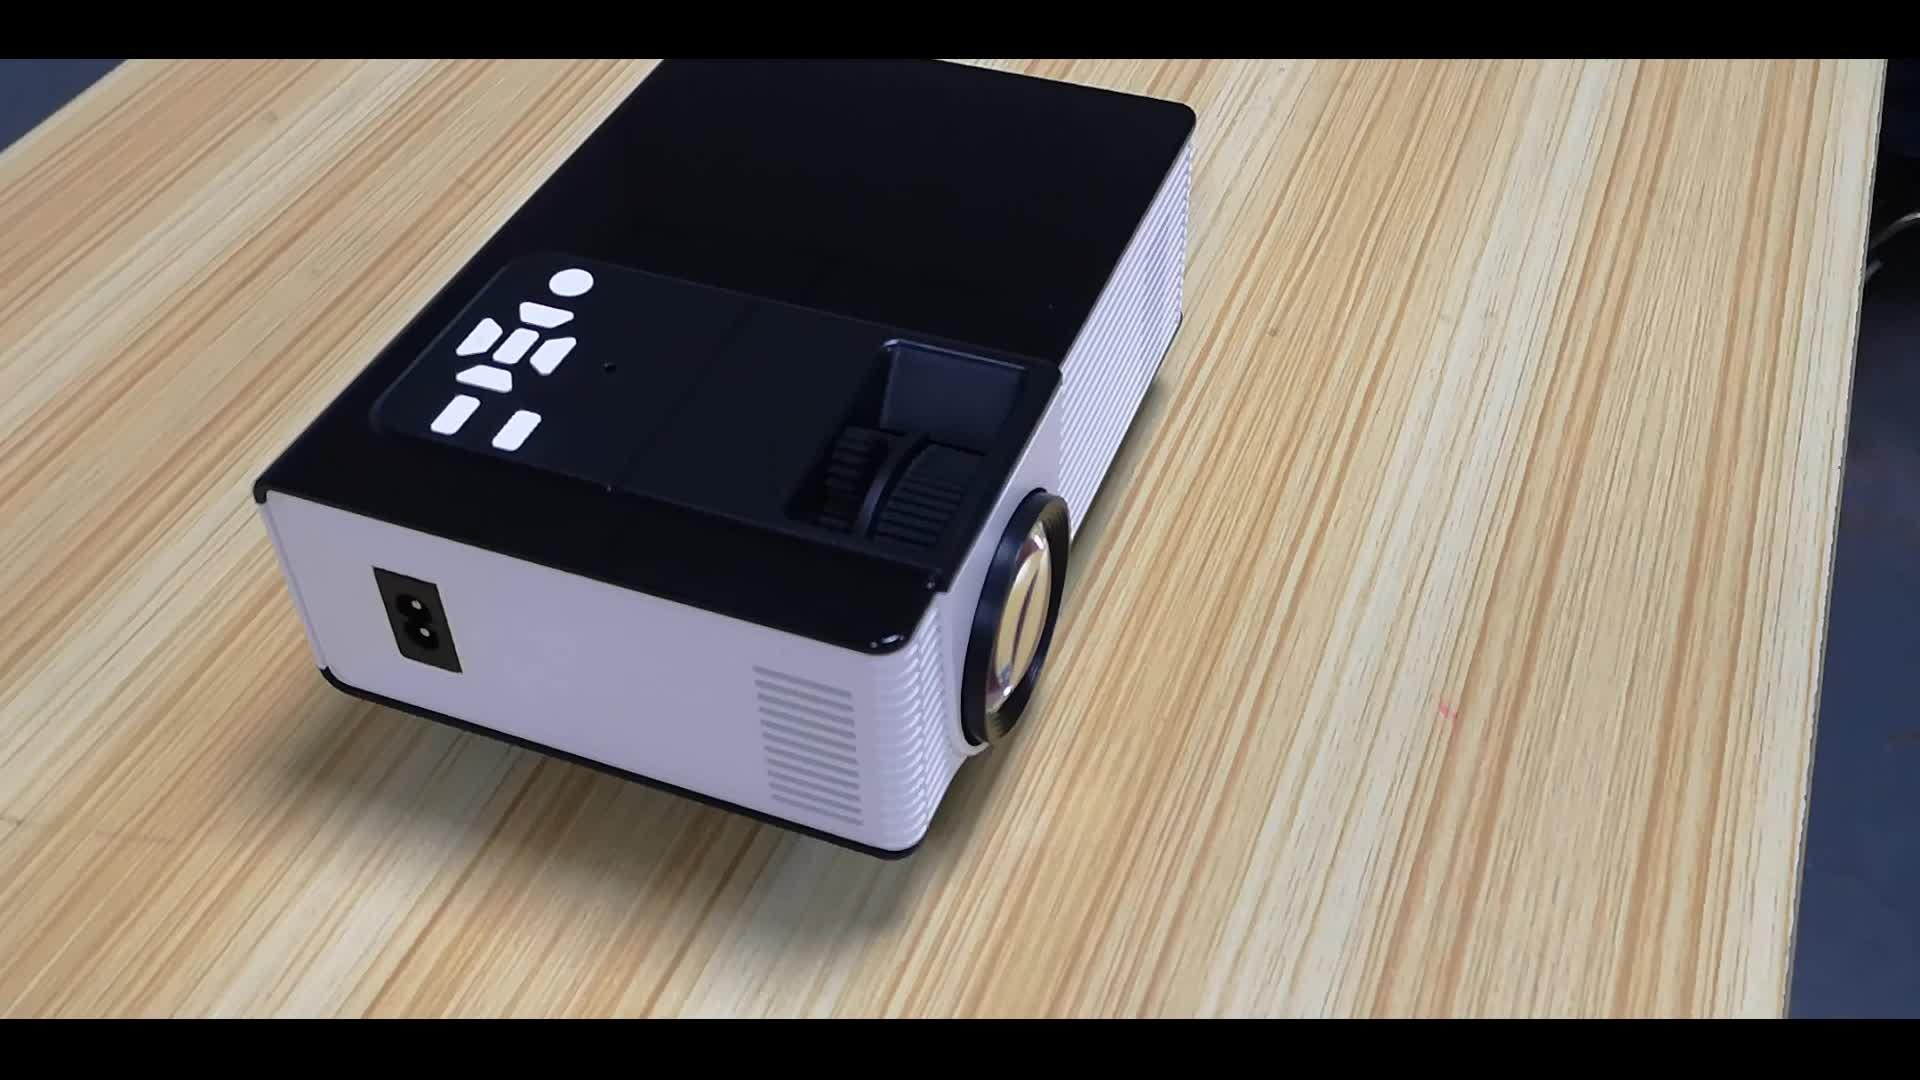 높은 루멘 지원 1080p HDMI USB VGA 1500 루멘 1280x800 네이티브 해상도 미니 프로젝터 LED LCD 비디오 프로젝터